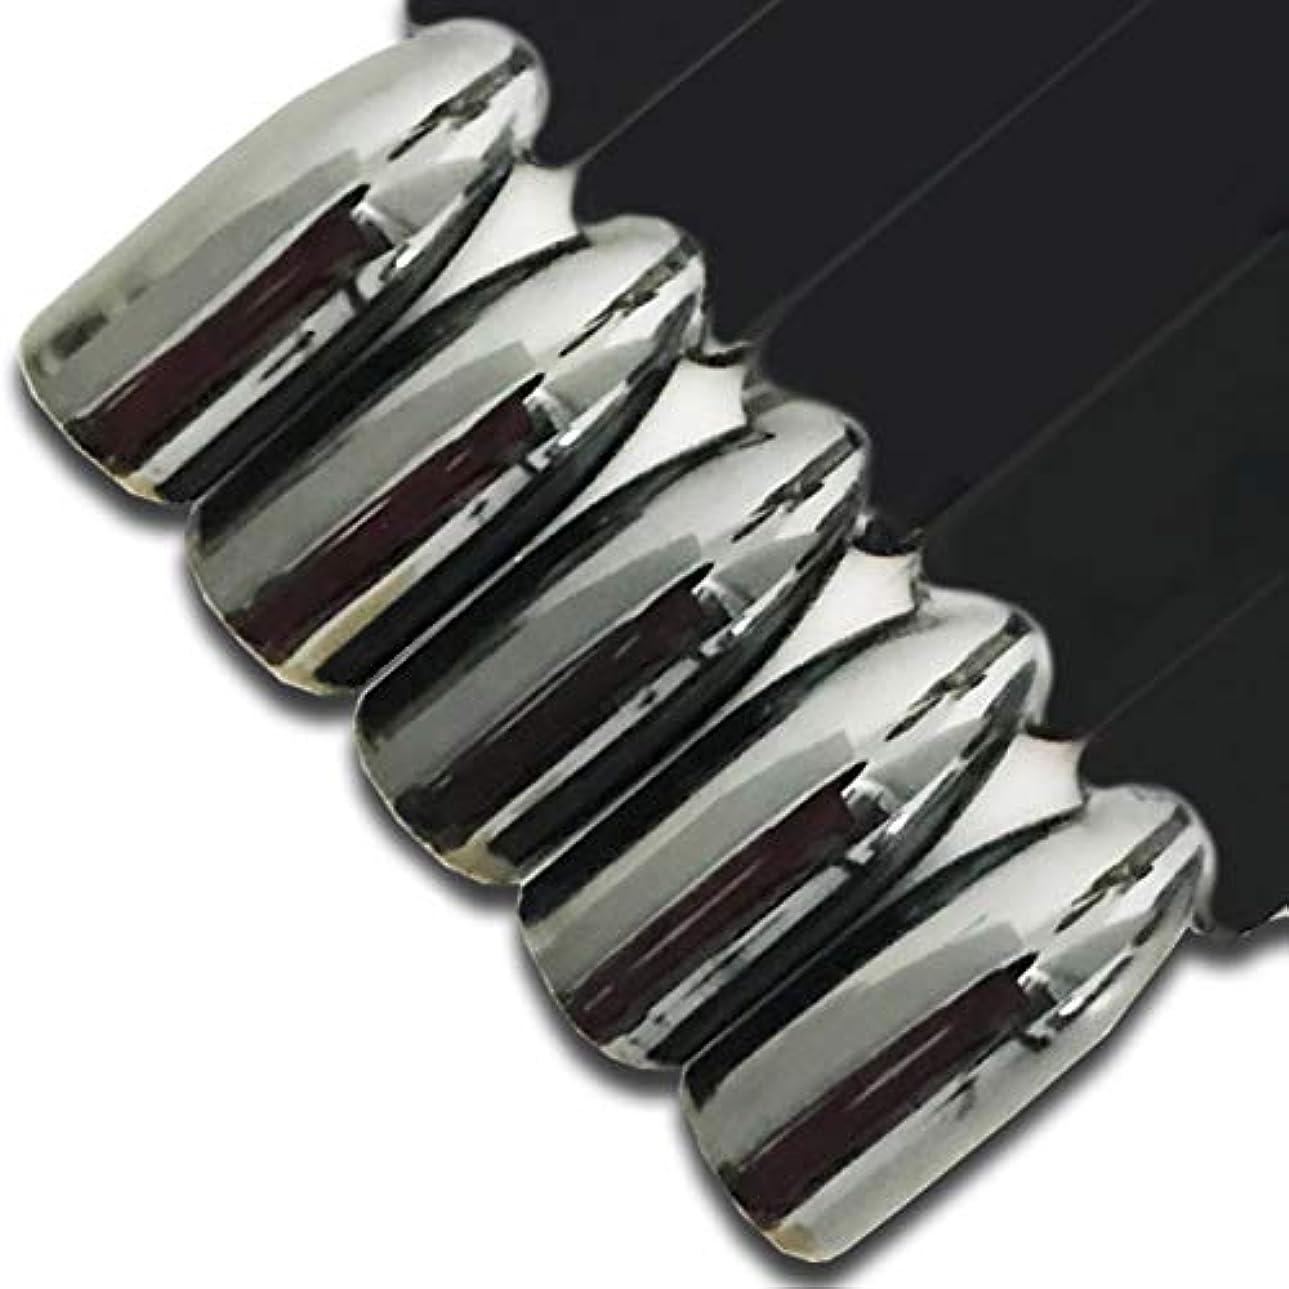 失う物理的に旋律的Quzama-JS おしゃれシルバーシルバーネイルデザイン新しい微塵微塵微粉美しい1クロム(None 1)